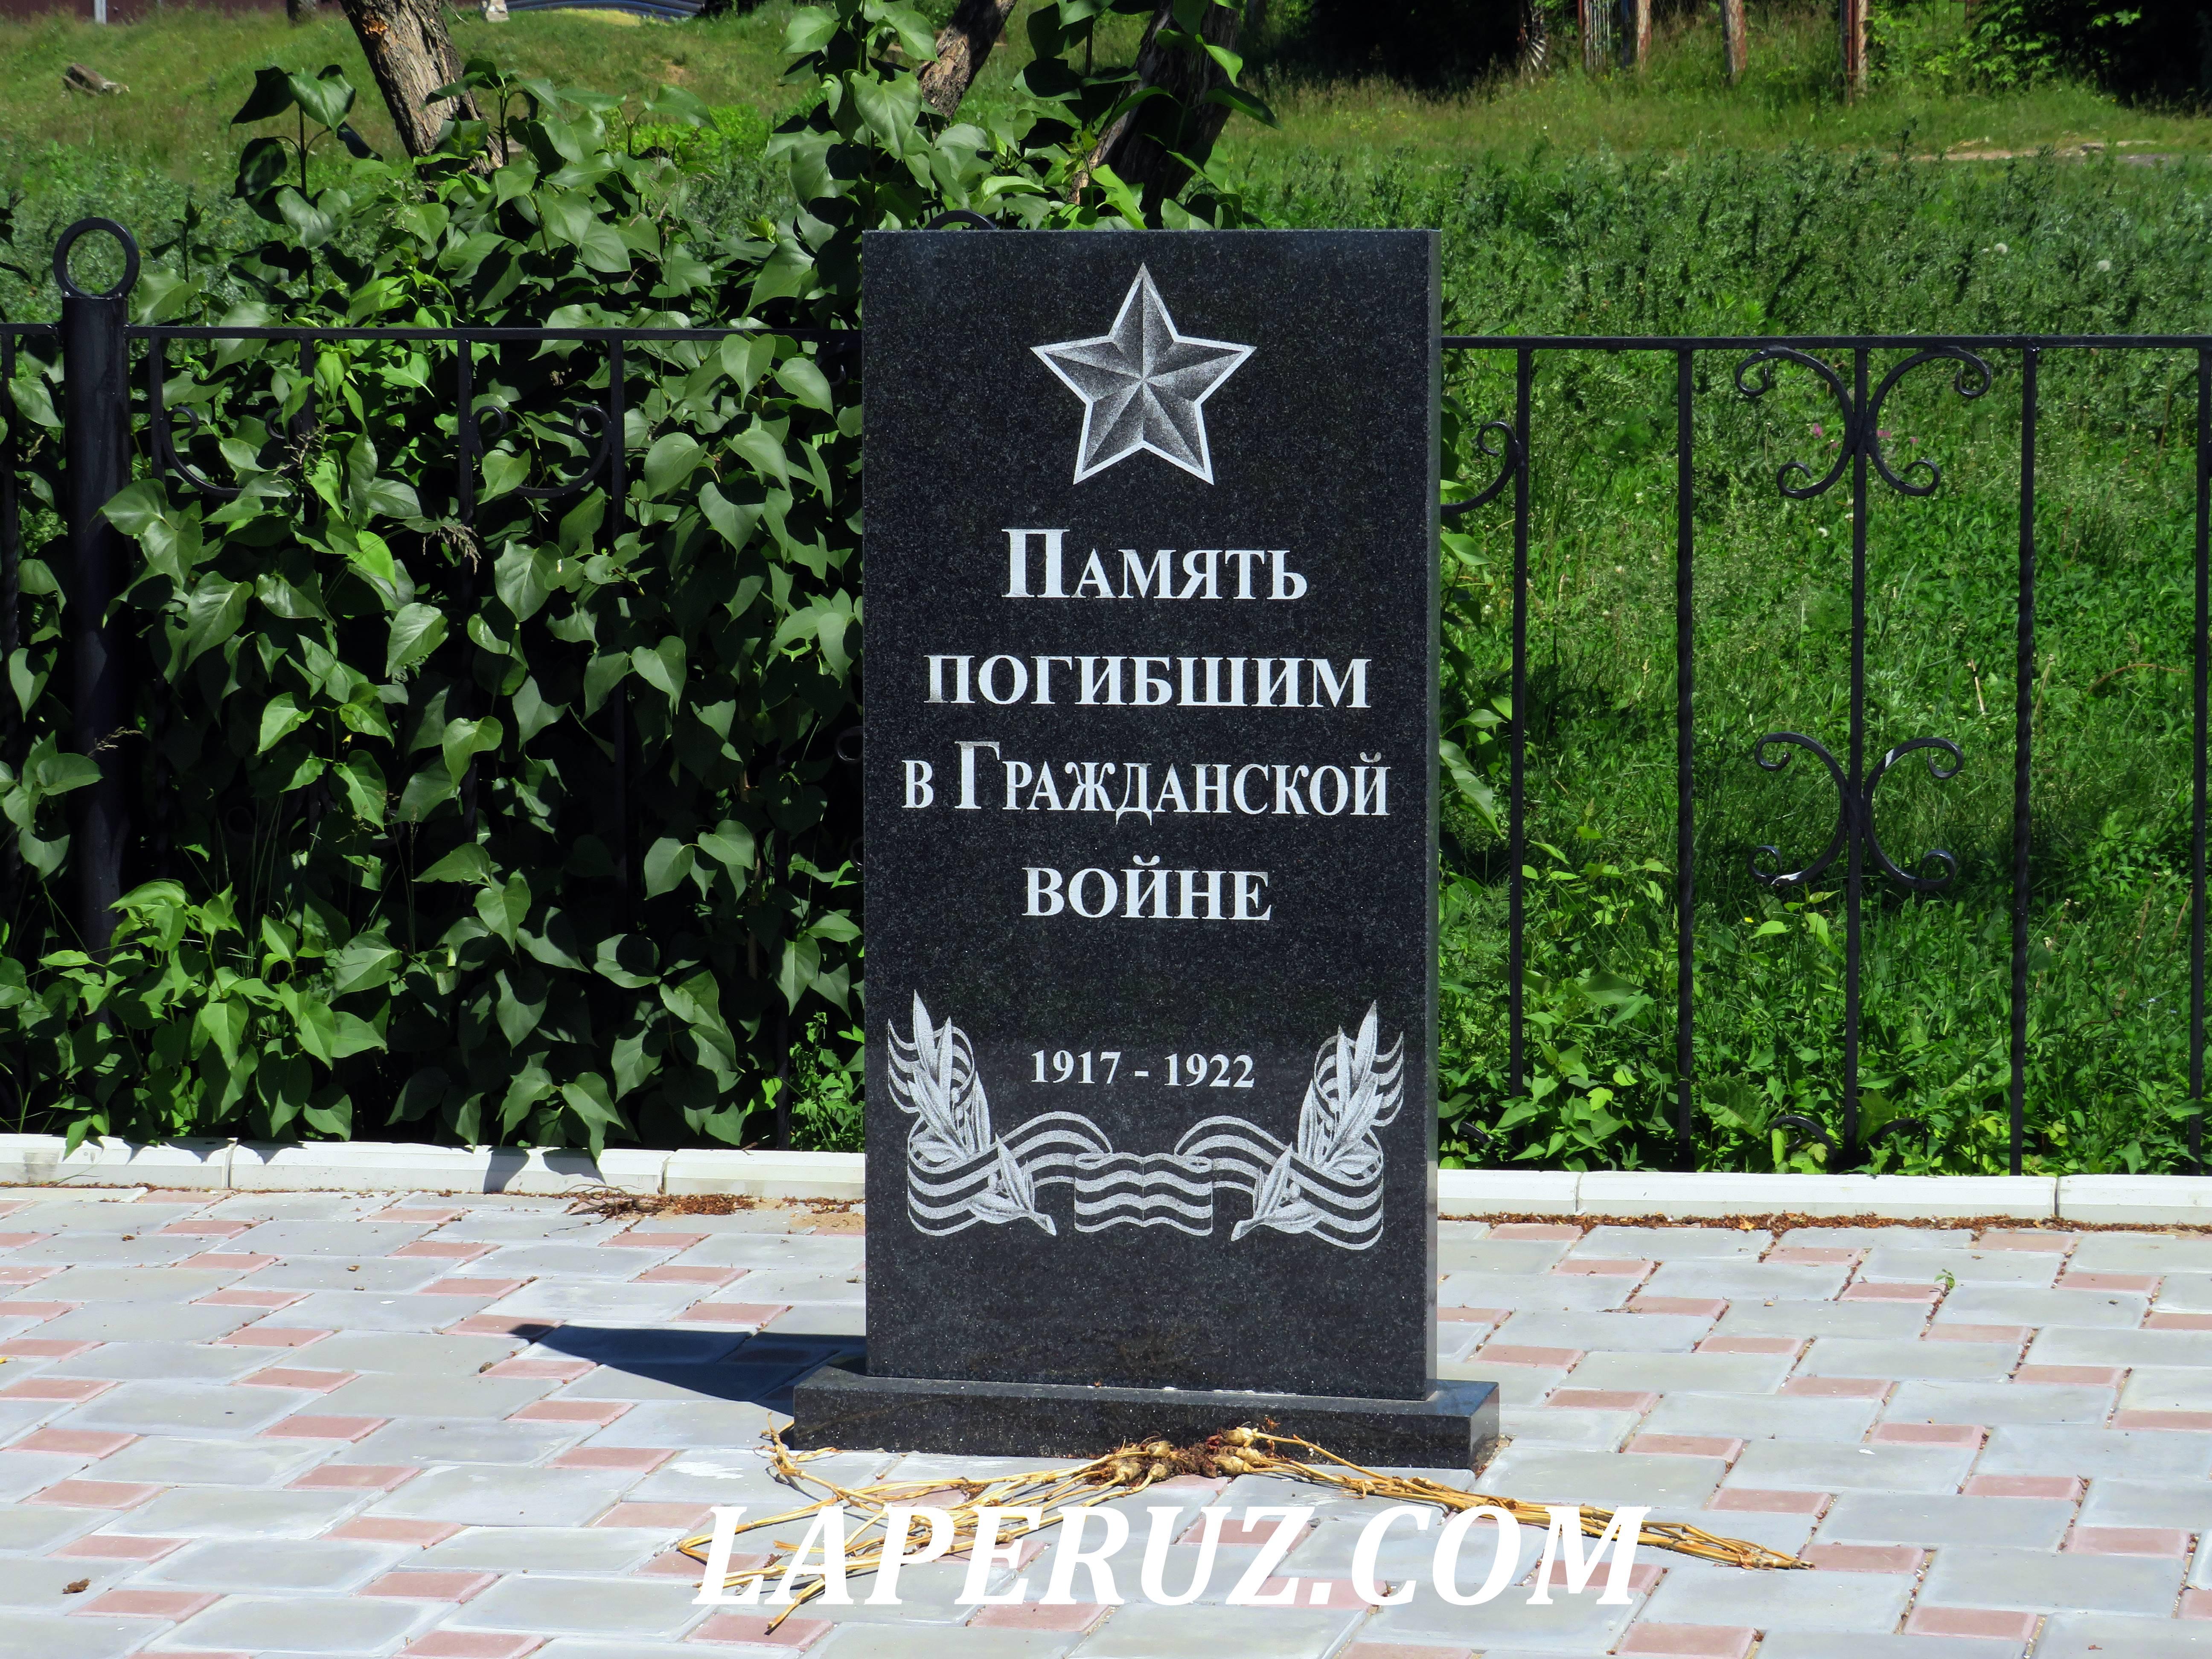 elantovo_pamyatnik_grajdanskaya_voina